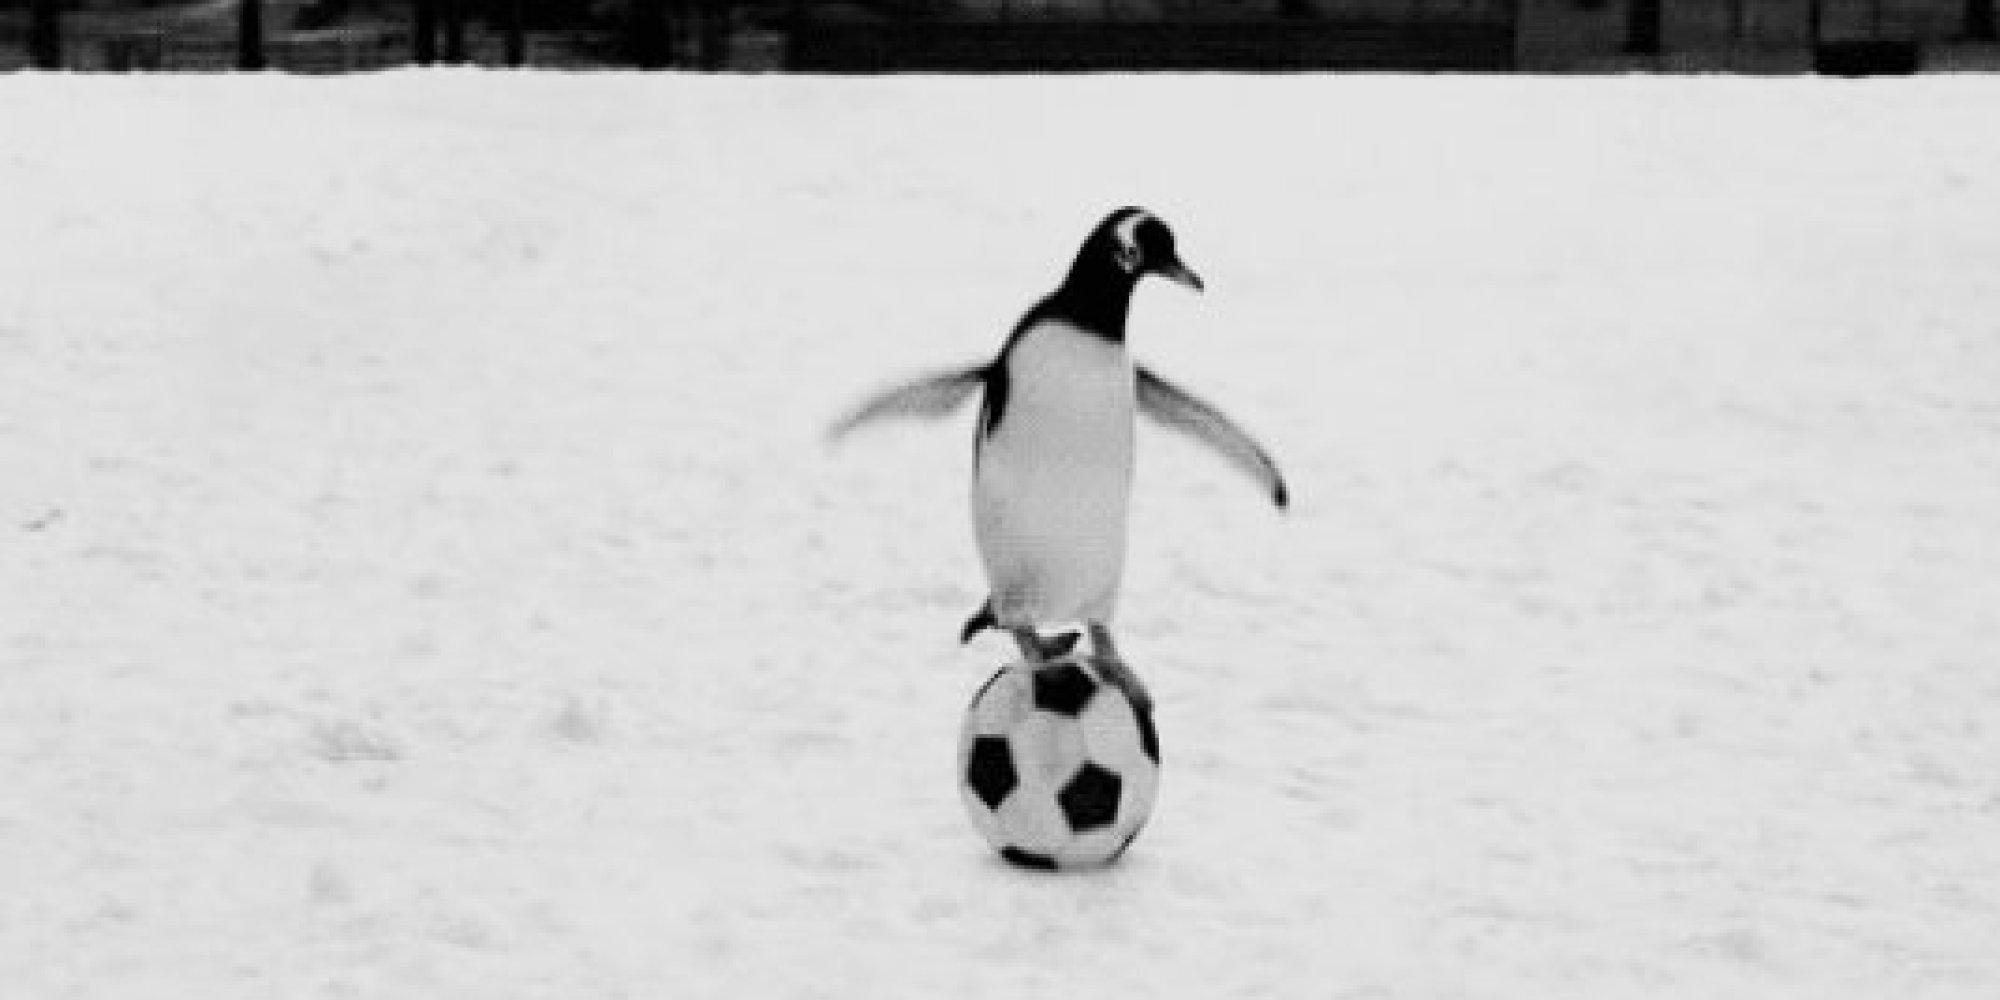 Cute penguins gif